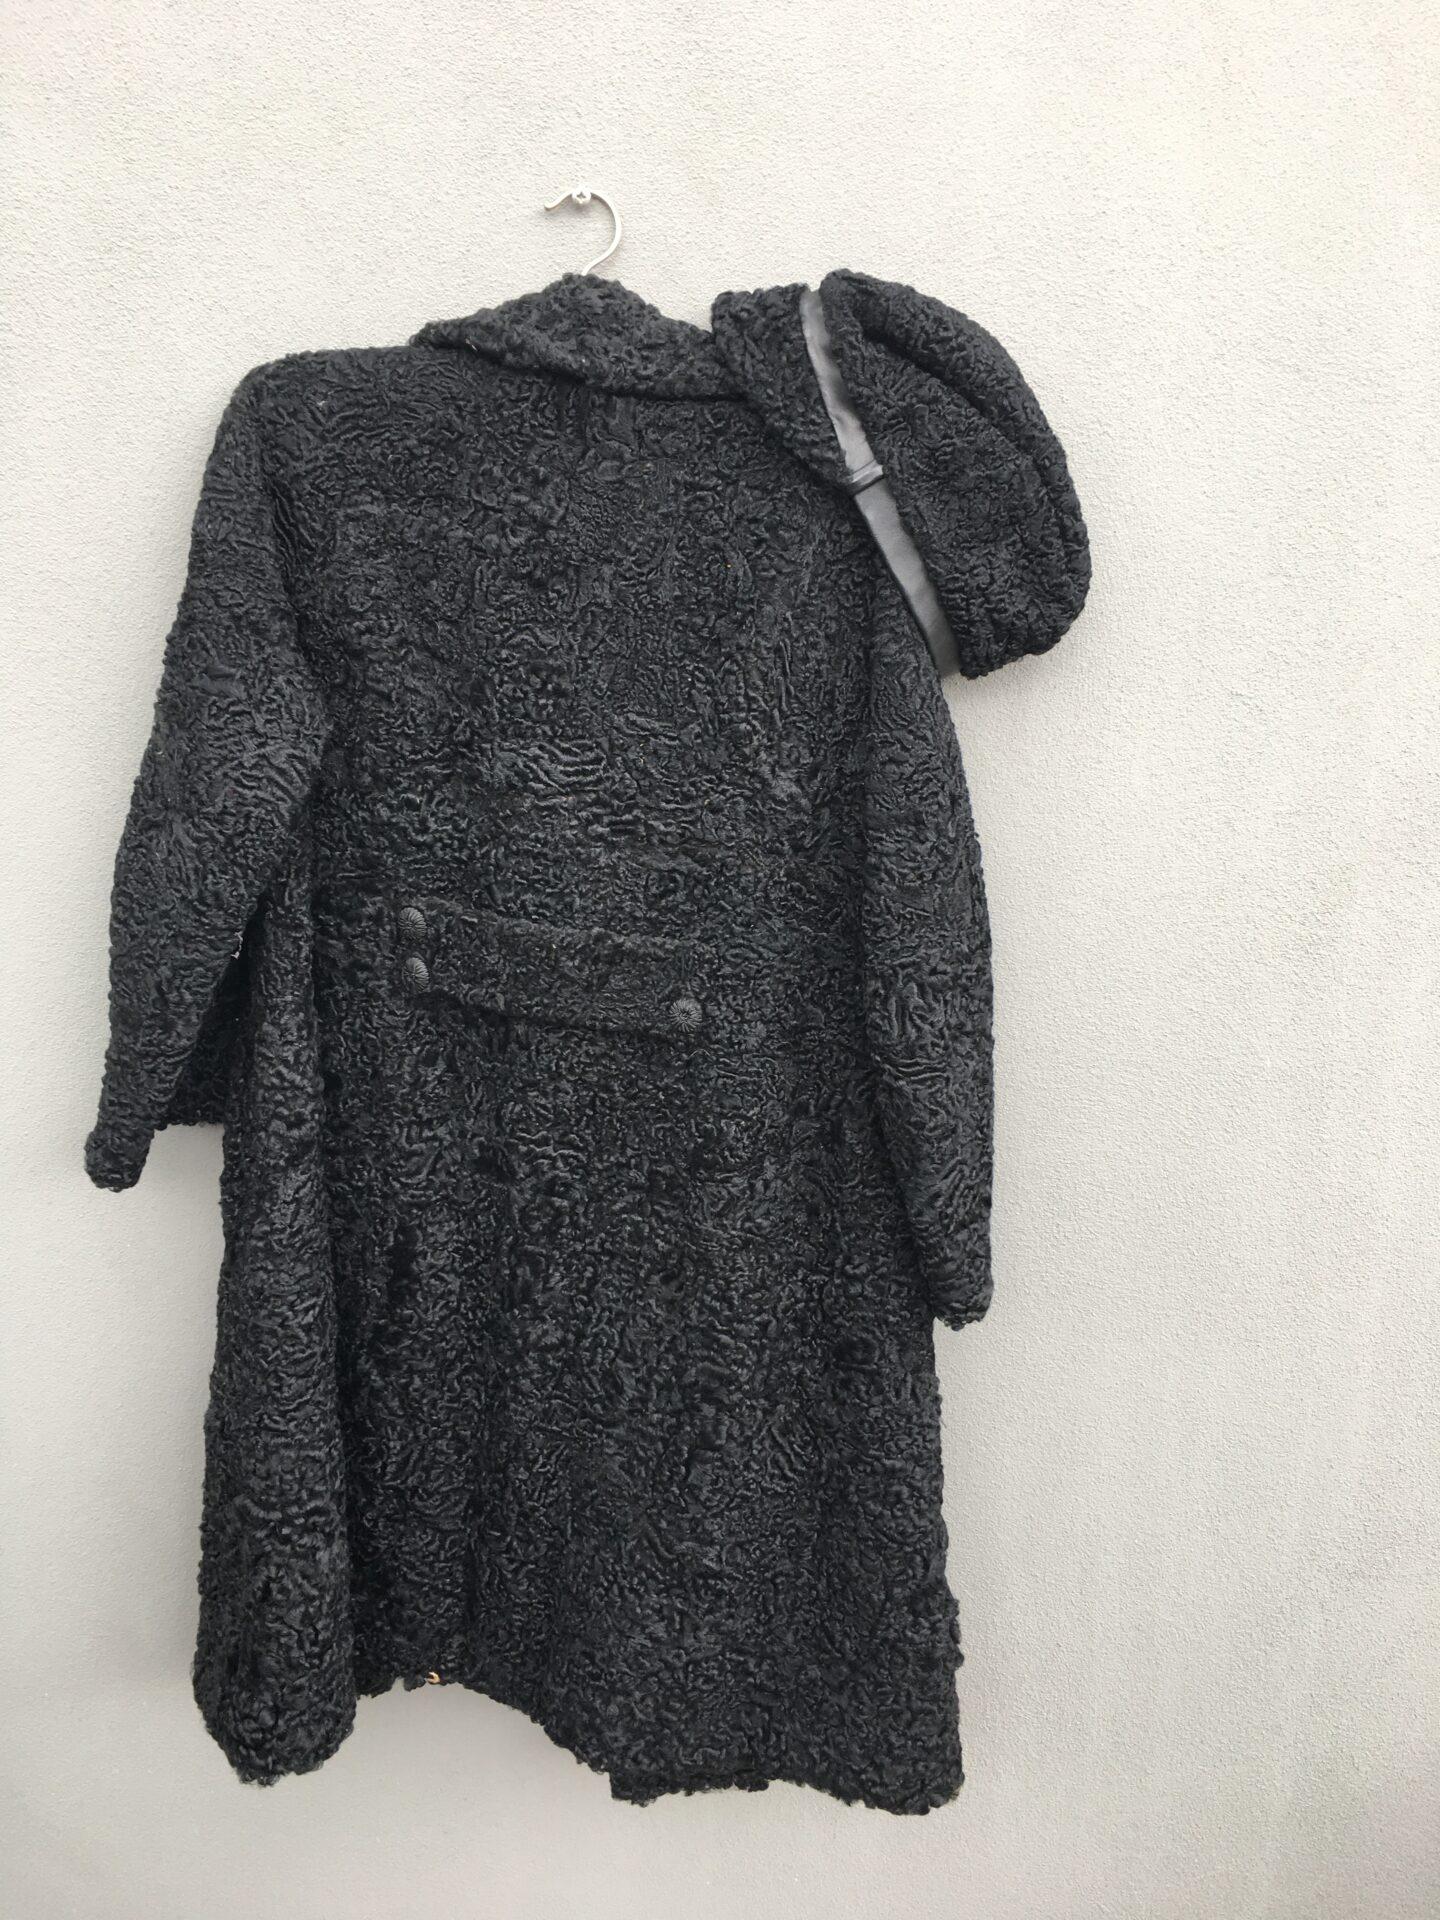 persianer pels med 2 stk tilhørende hatte af persianerskind, ialt 500kr